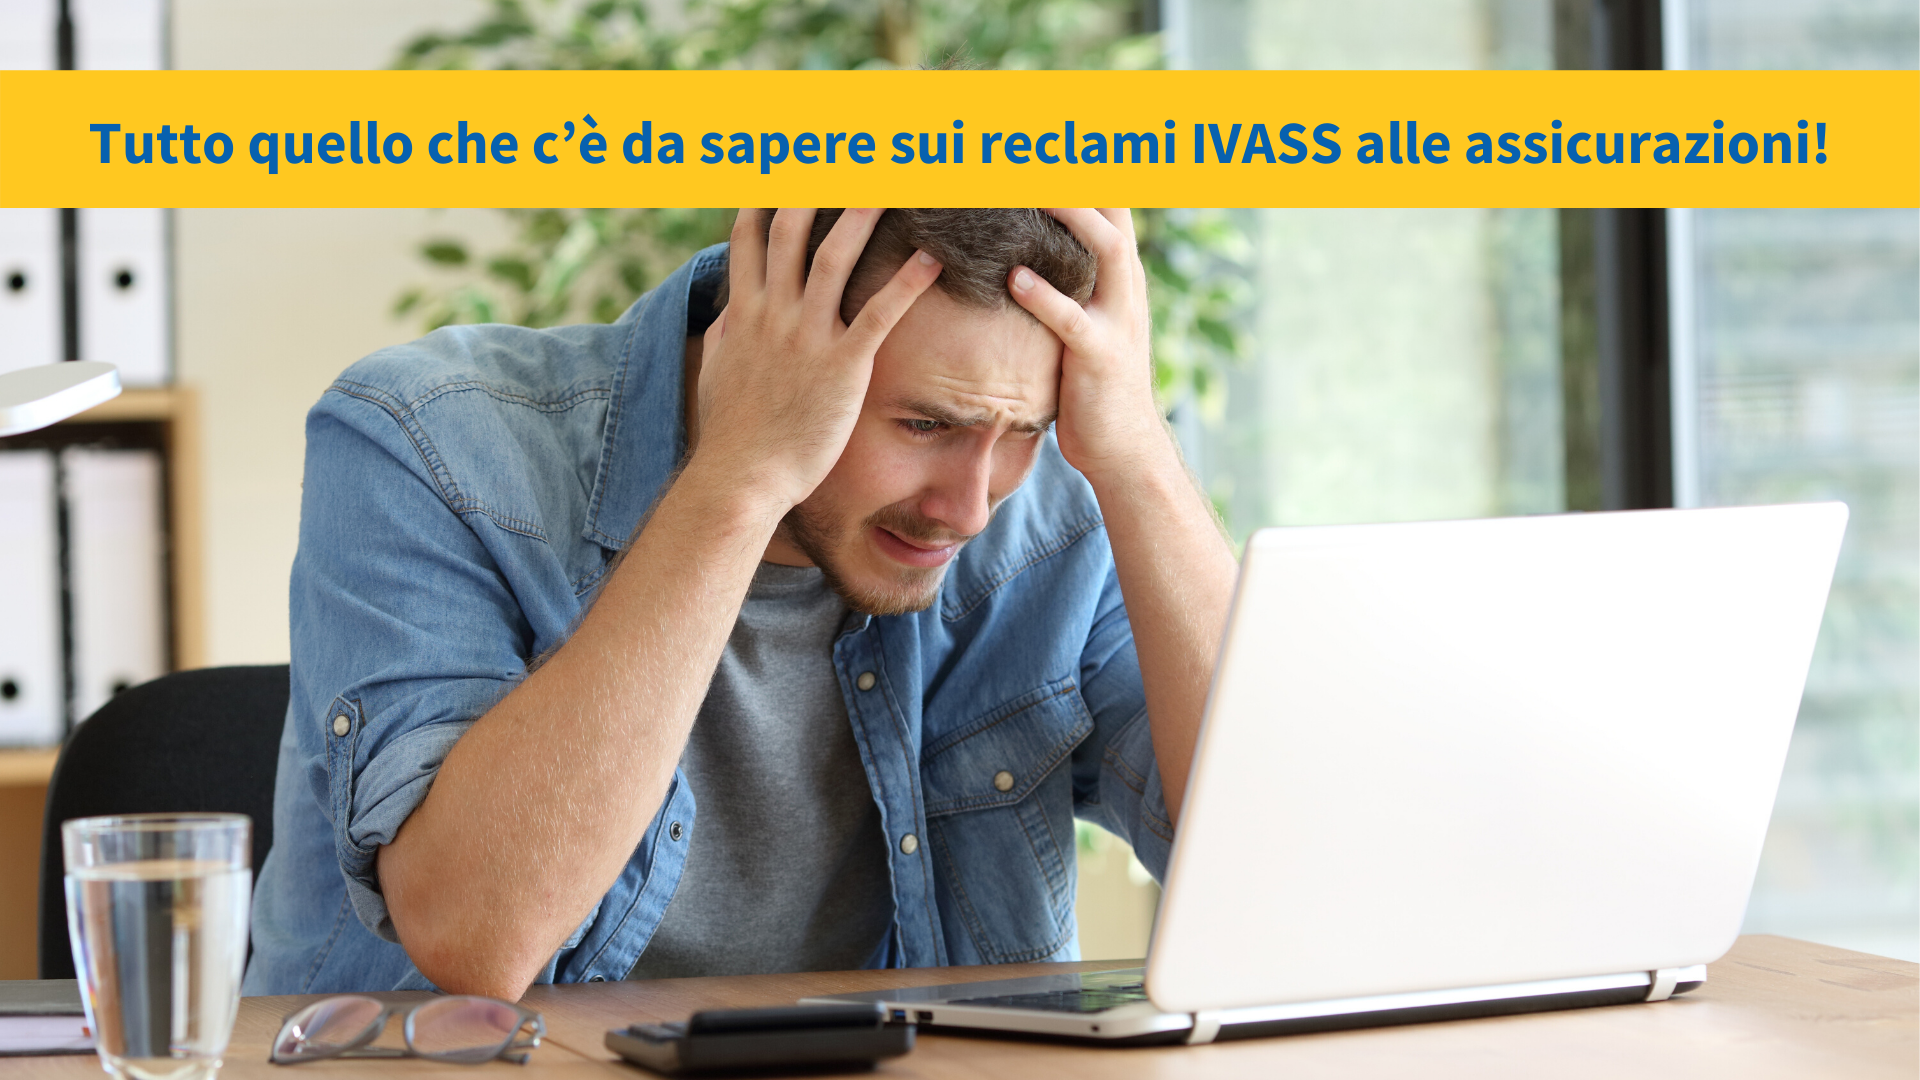 Tutto quello che c'è da sapere sui reclami IVASS alle assicurazioni